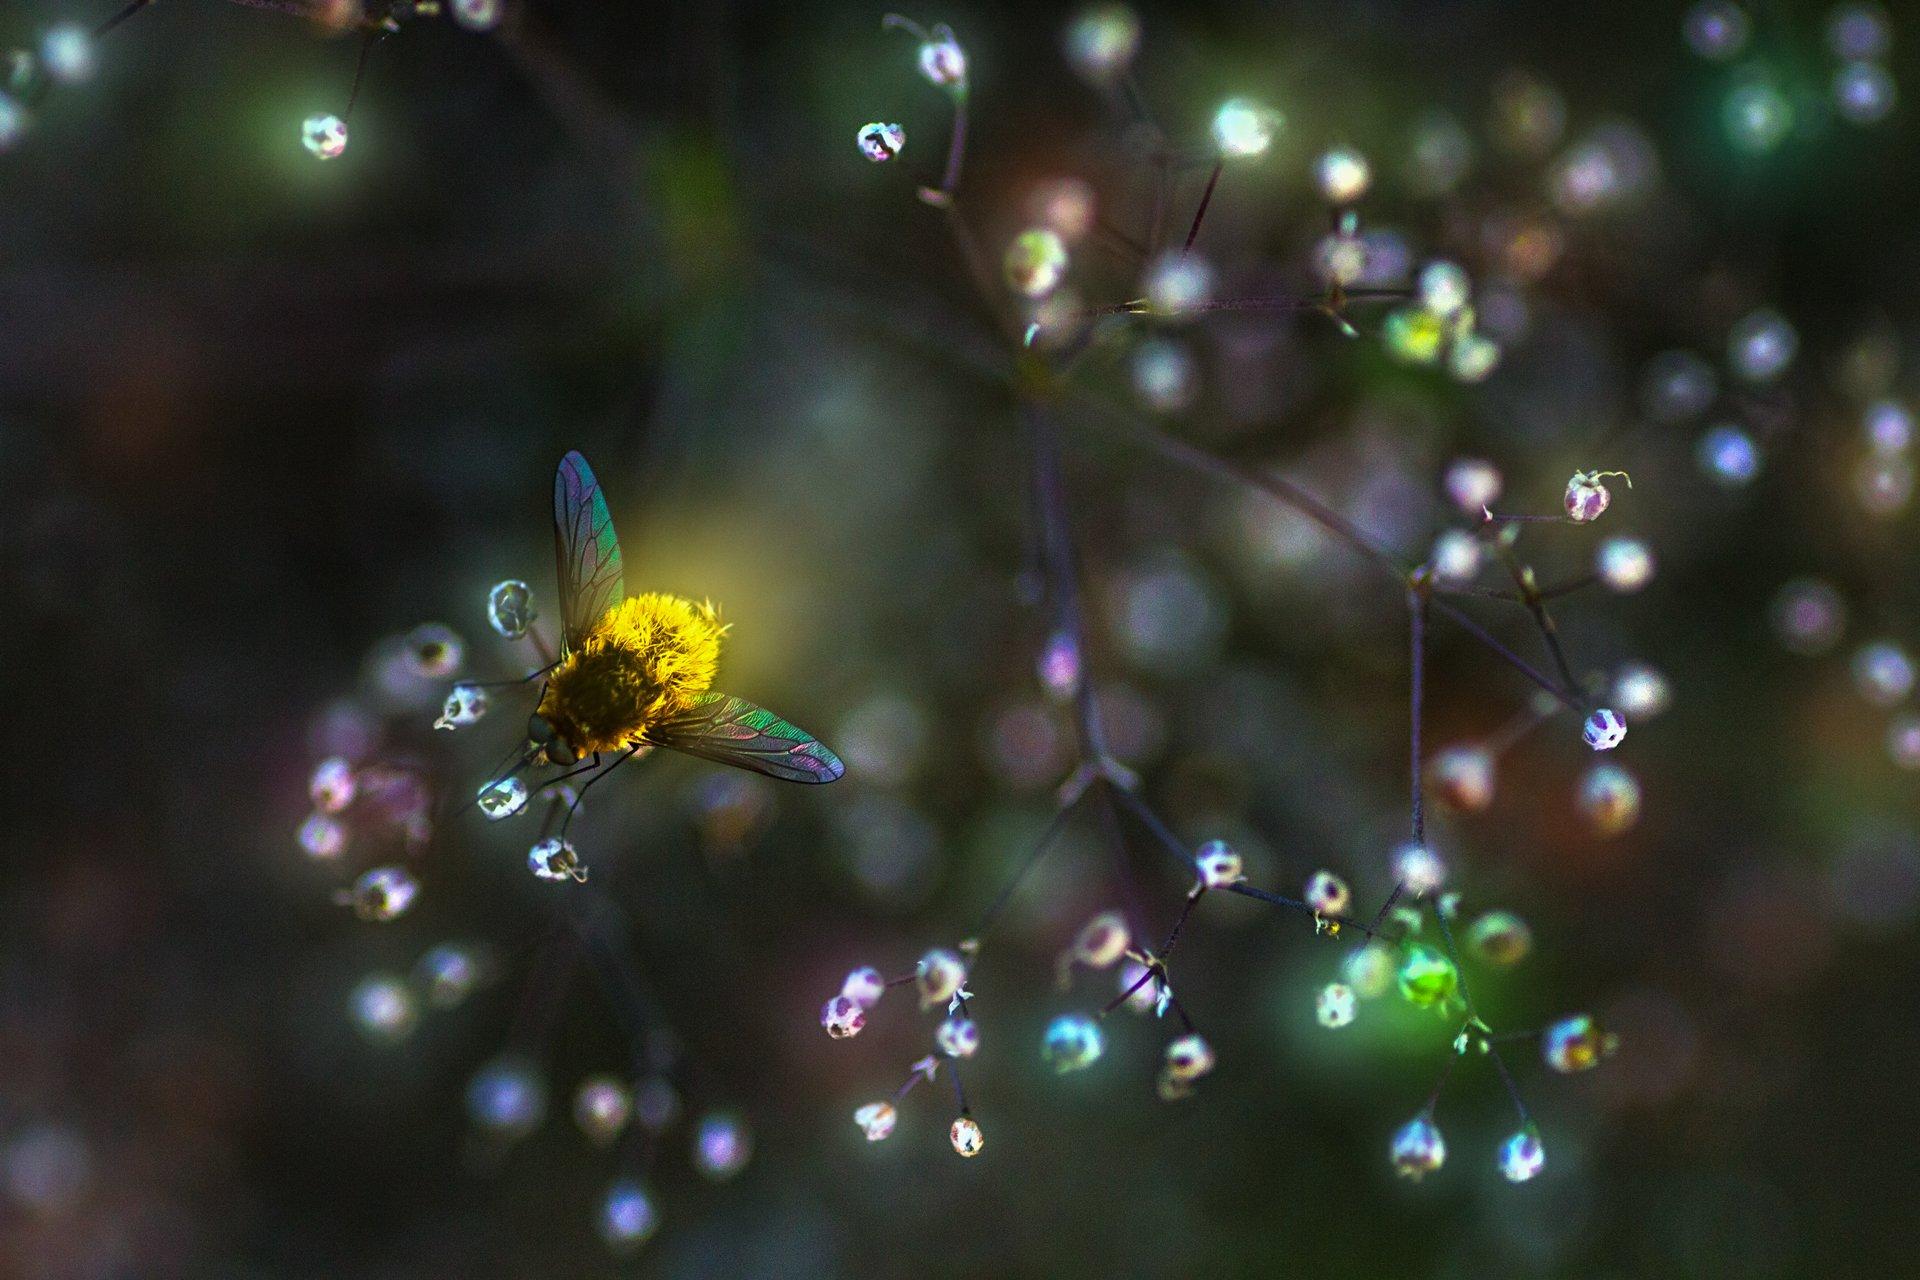 свет,трава,лучи,блики,муха,цветы,макро, Котов Юрий